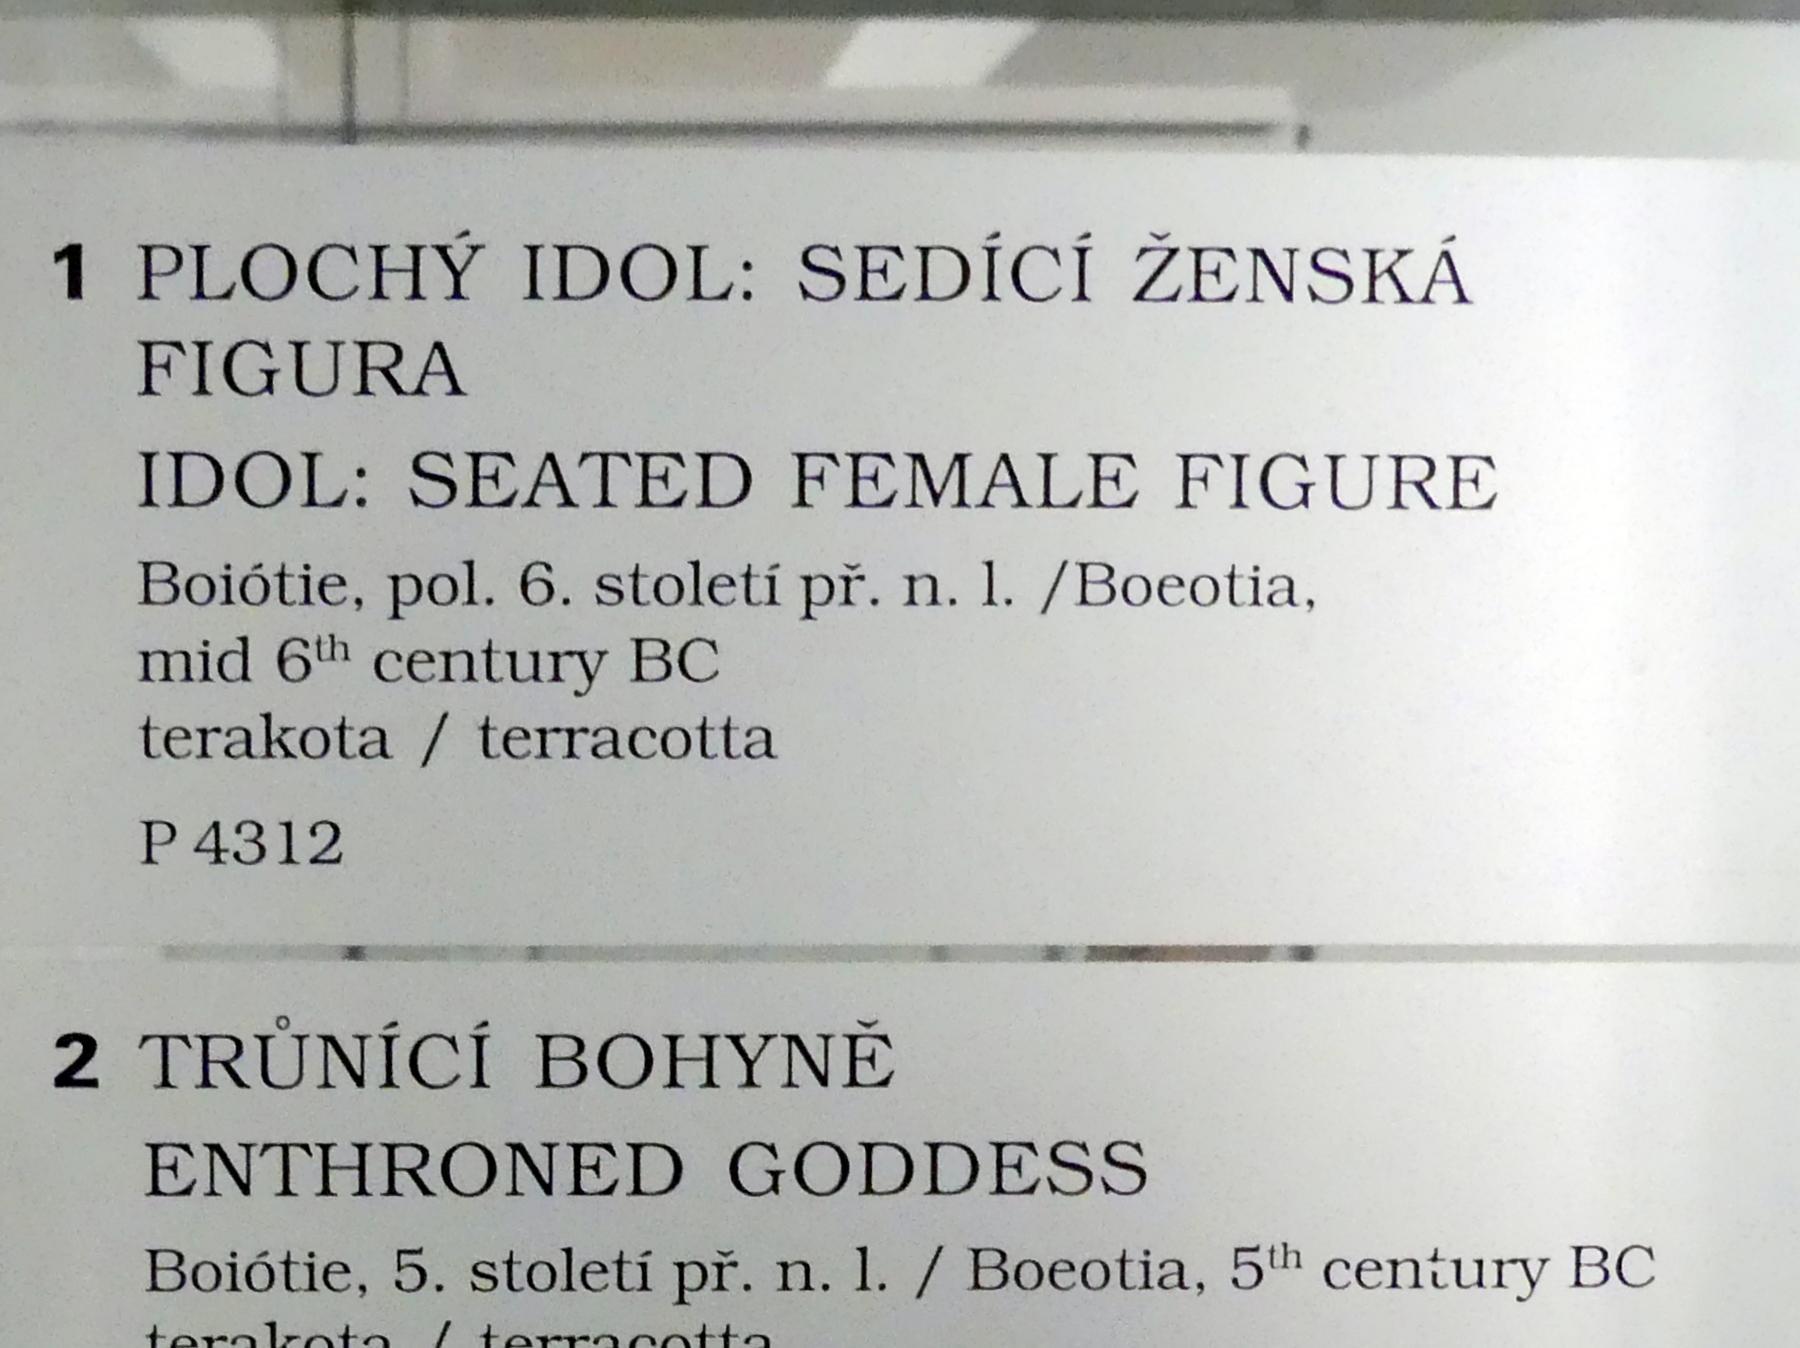 Idol: Sitzende weibliche Figur, Mitte 6. Jhd. v. Chr., Bild 2/2